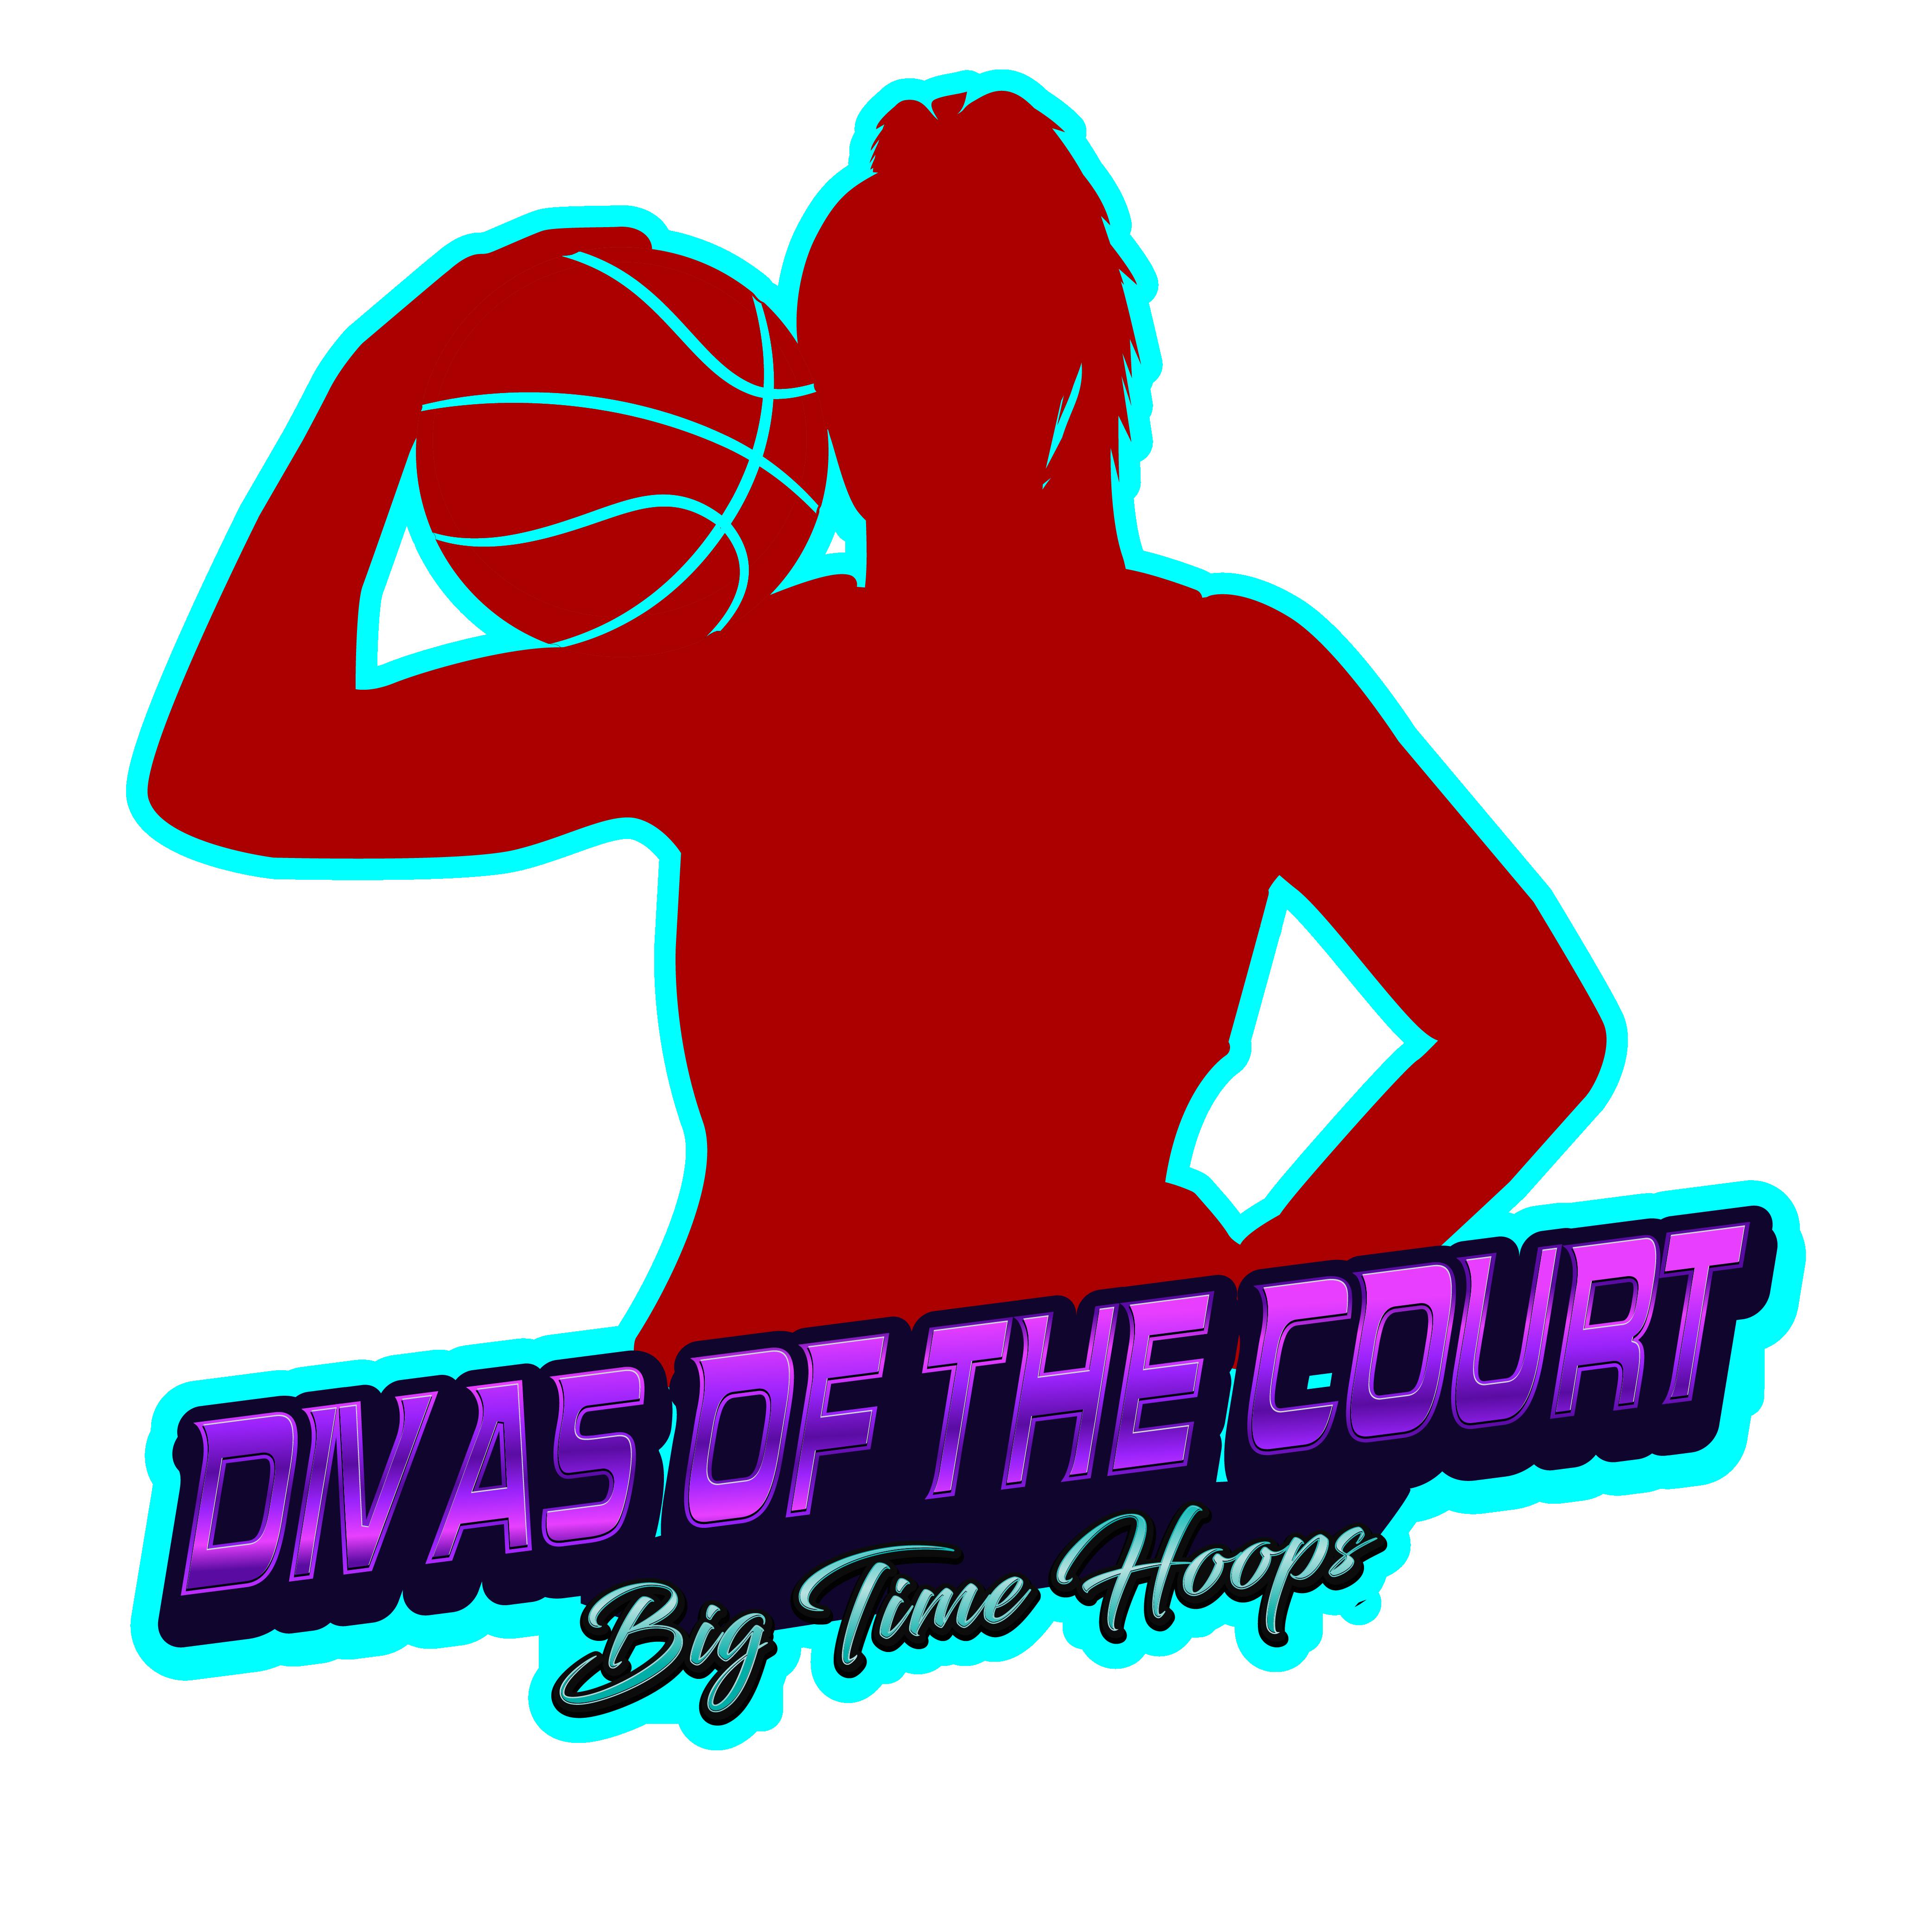 DIVAS OF THE COURT – VIRGINIA